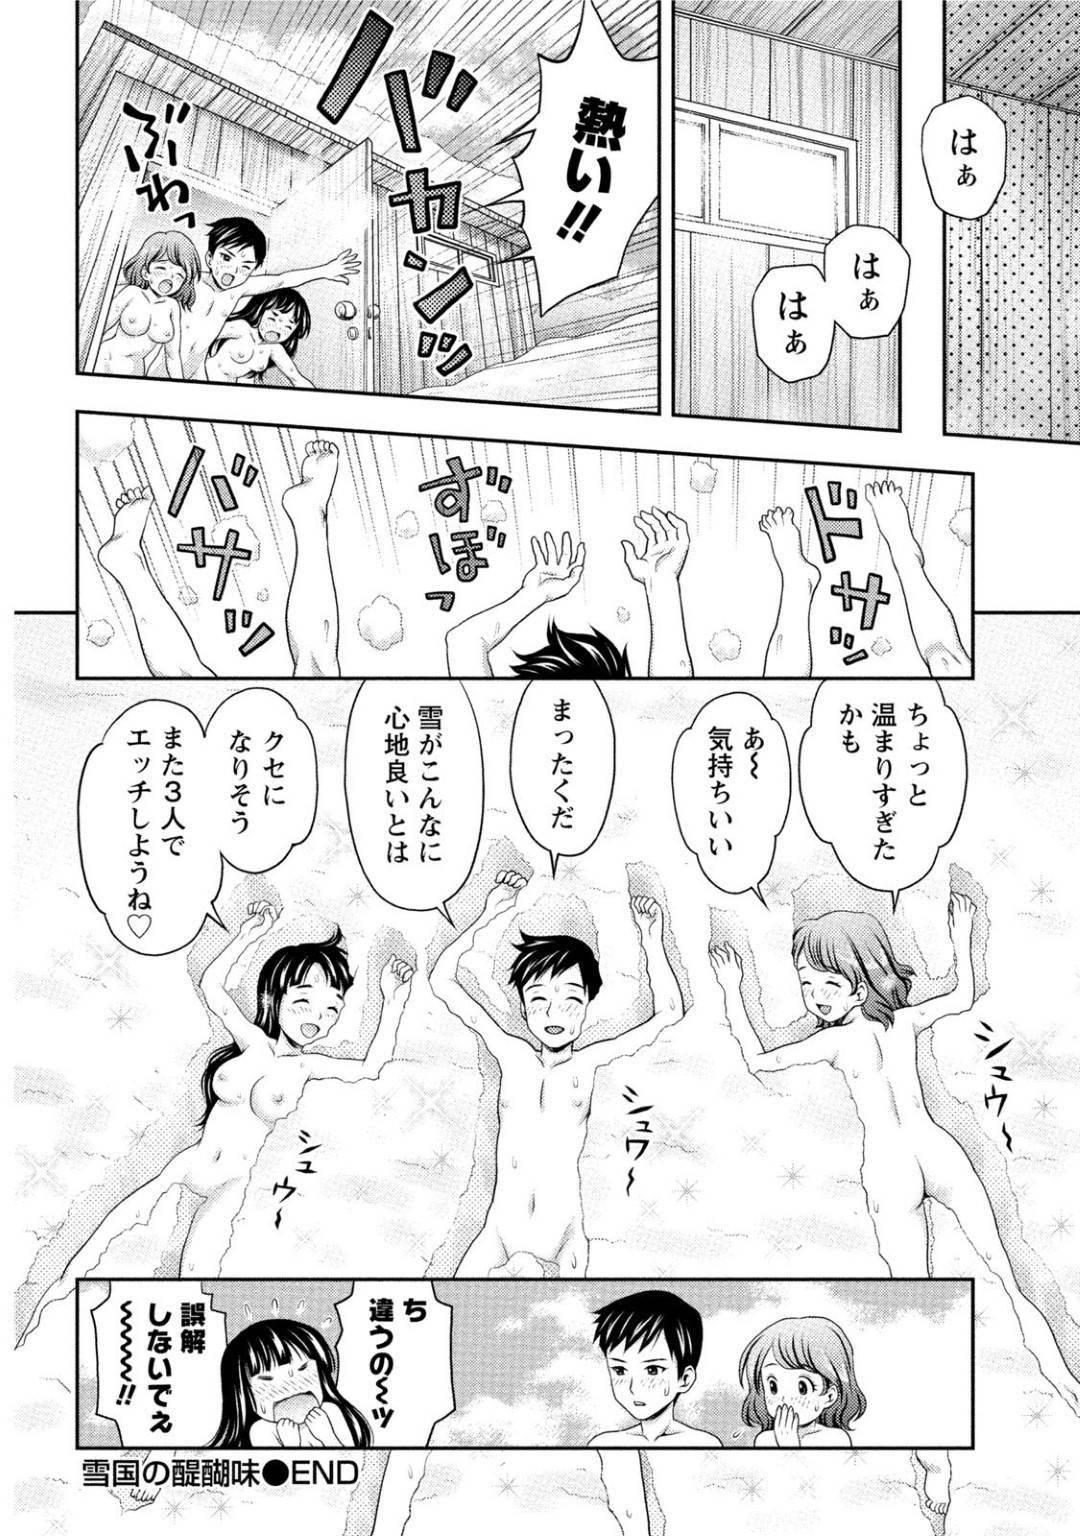 【エロ同人誌】雪に埋もれた女を男と一緒に救出する女の子…3人でベッドで暖をとっているとイチャイチャが始まって皆で気持ちよくなる3P同時イキSEX!【オリジナル】